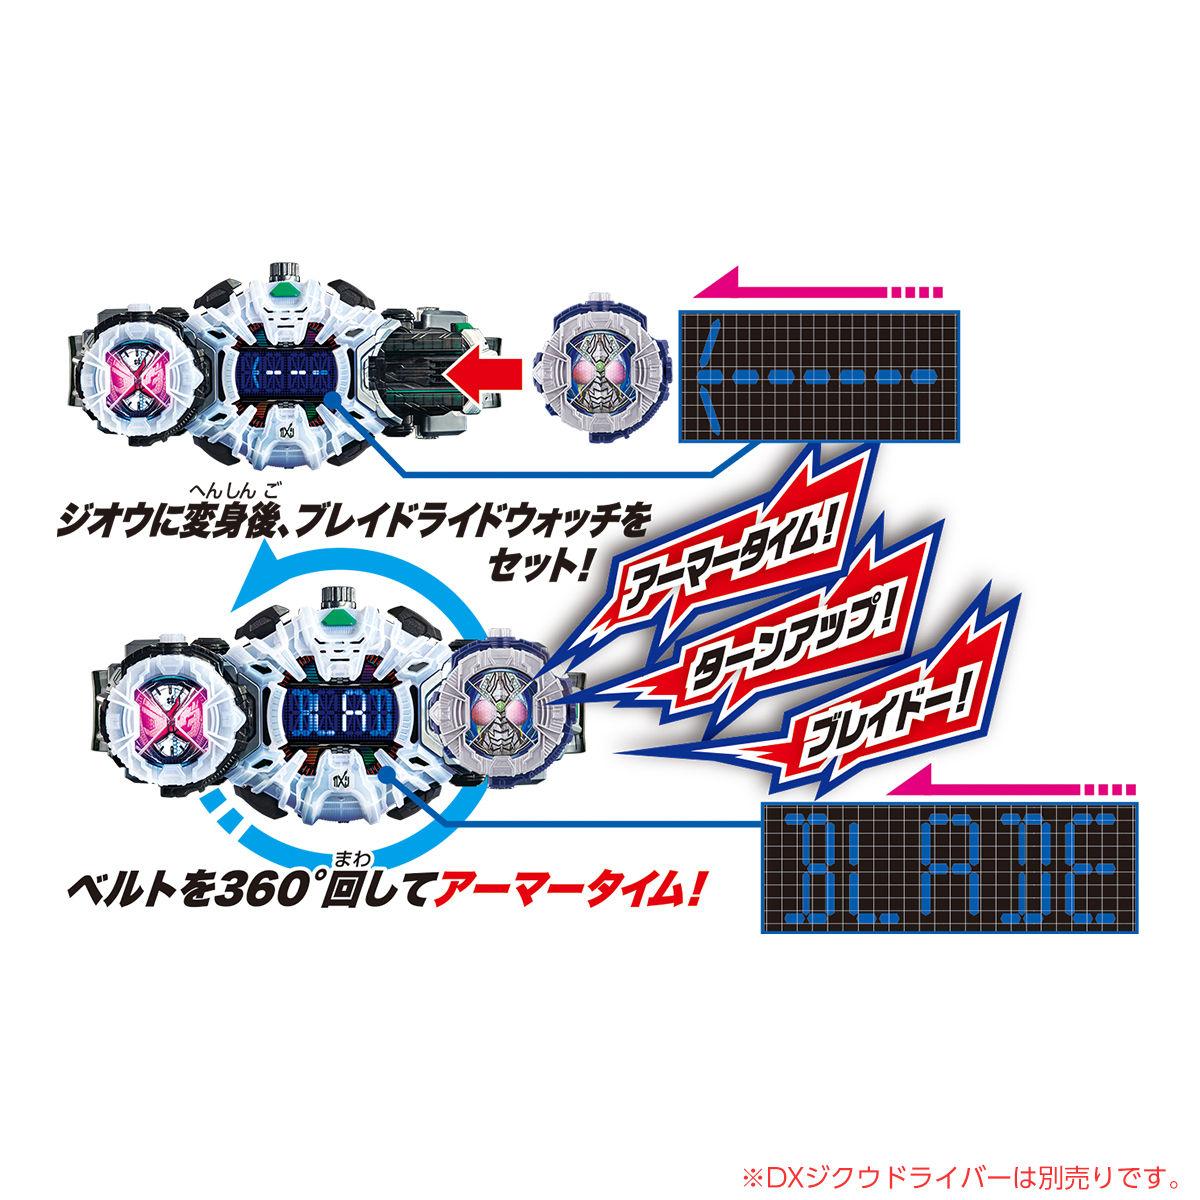 仮面ライダージオウ『DXブレイドライドウォッチ』変身なりきり-006